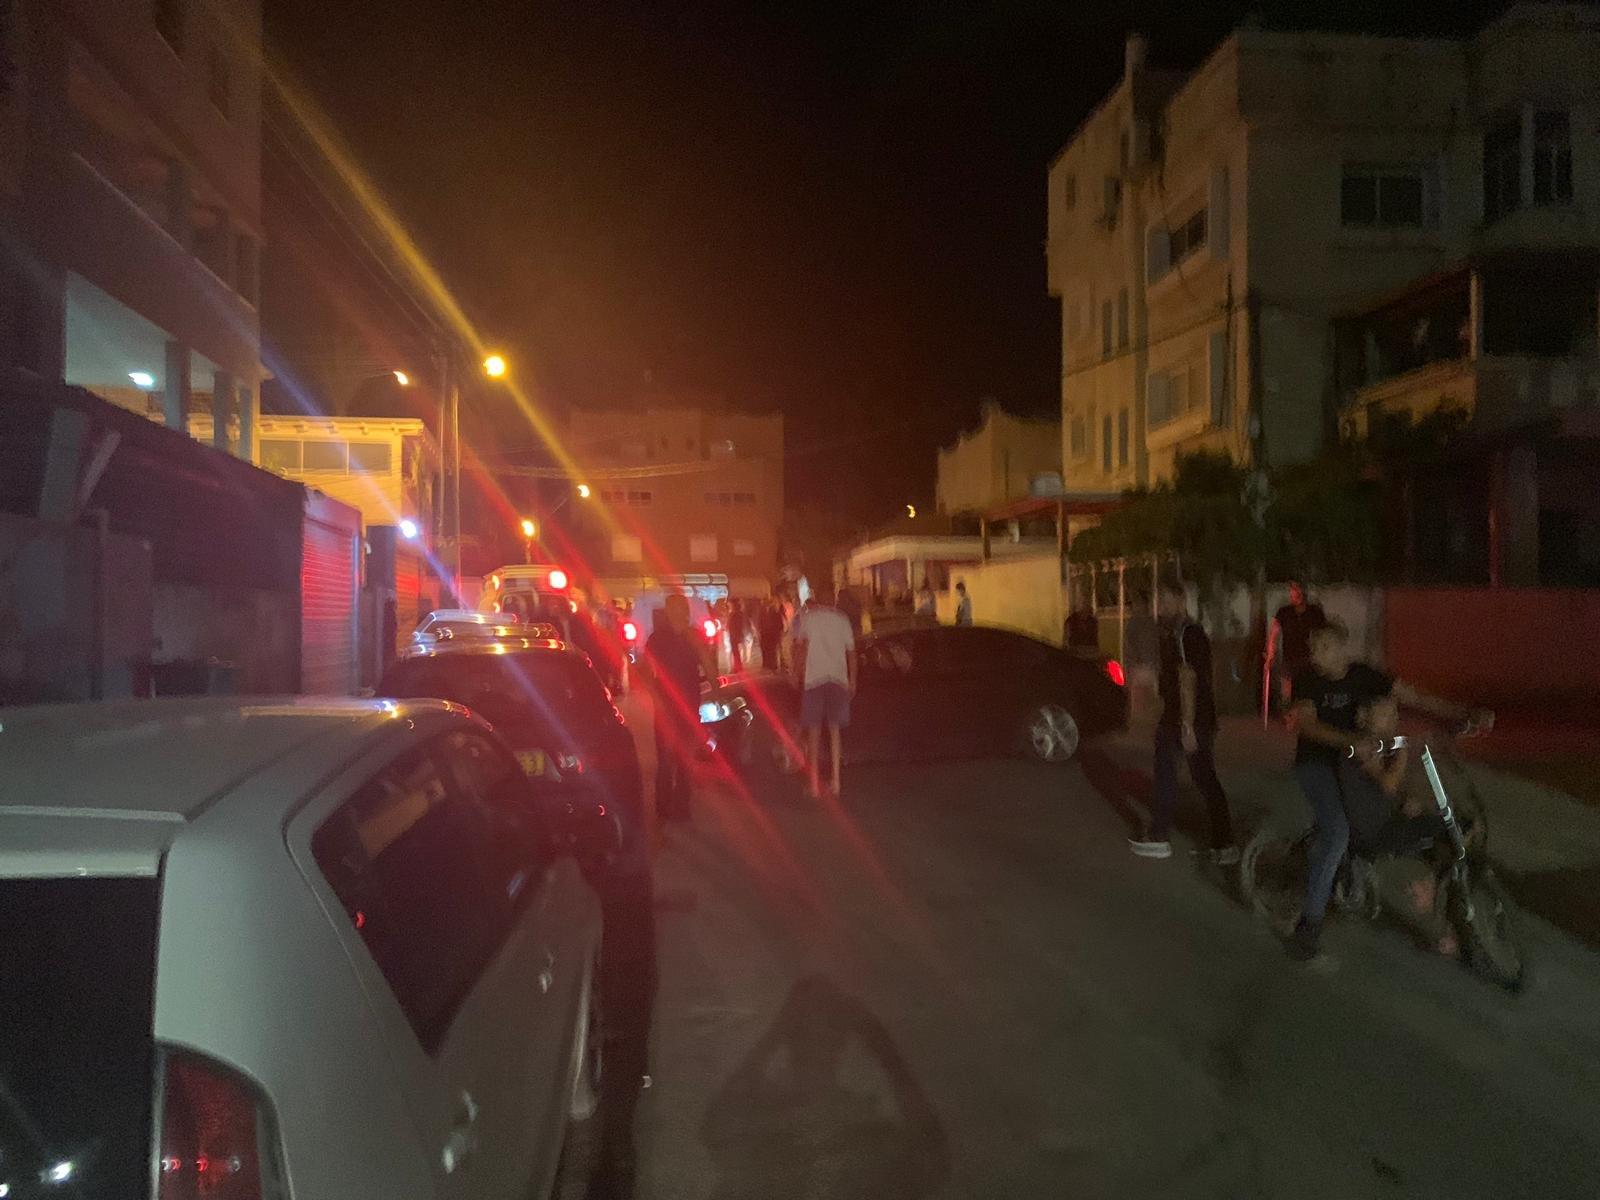 قتلوه أثناء جلوسه في ساحة منزله .. مقتل الشيخ احمد عرباس في جلجولية